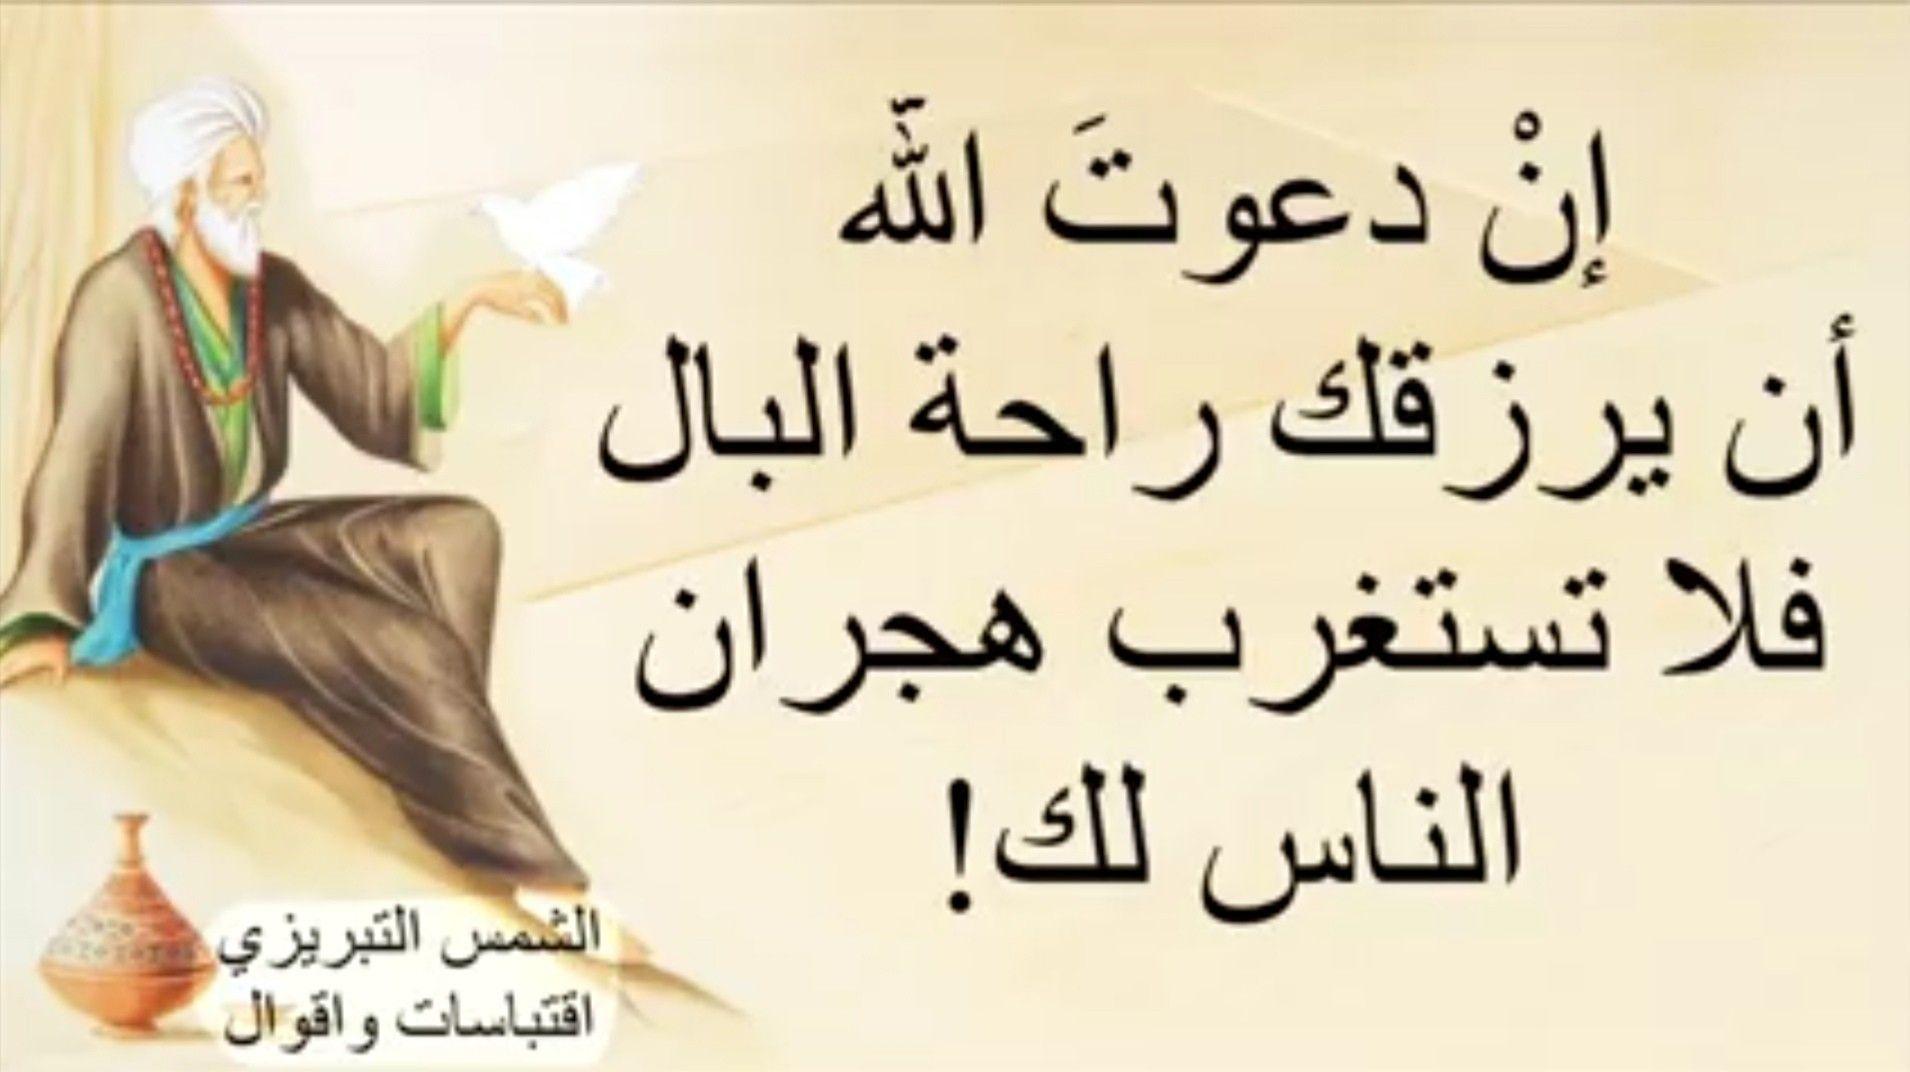 راحة البال في العزلة Arabic Quotes Quotes Wisdom